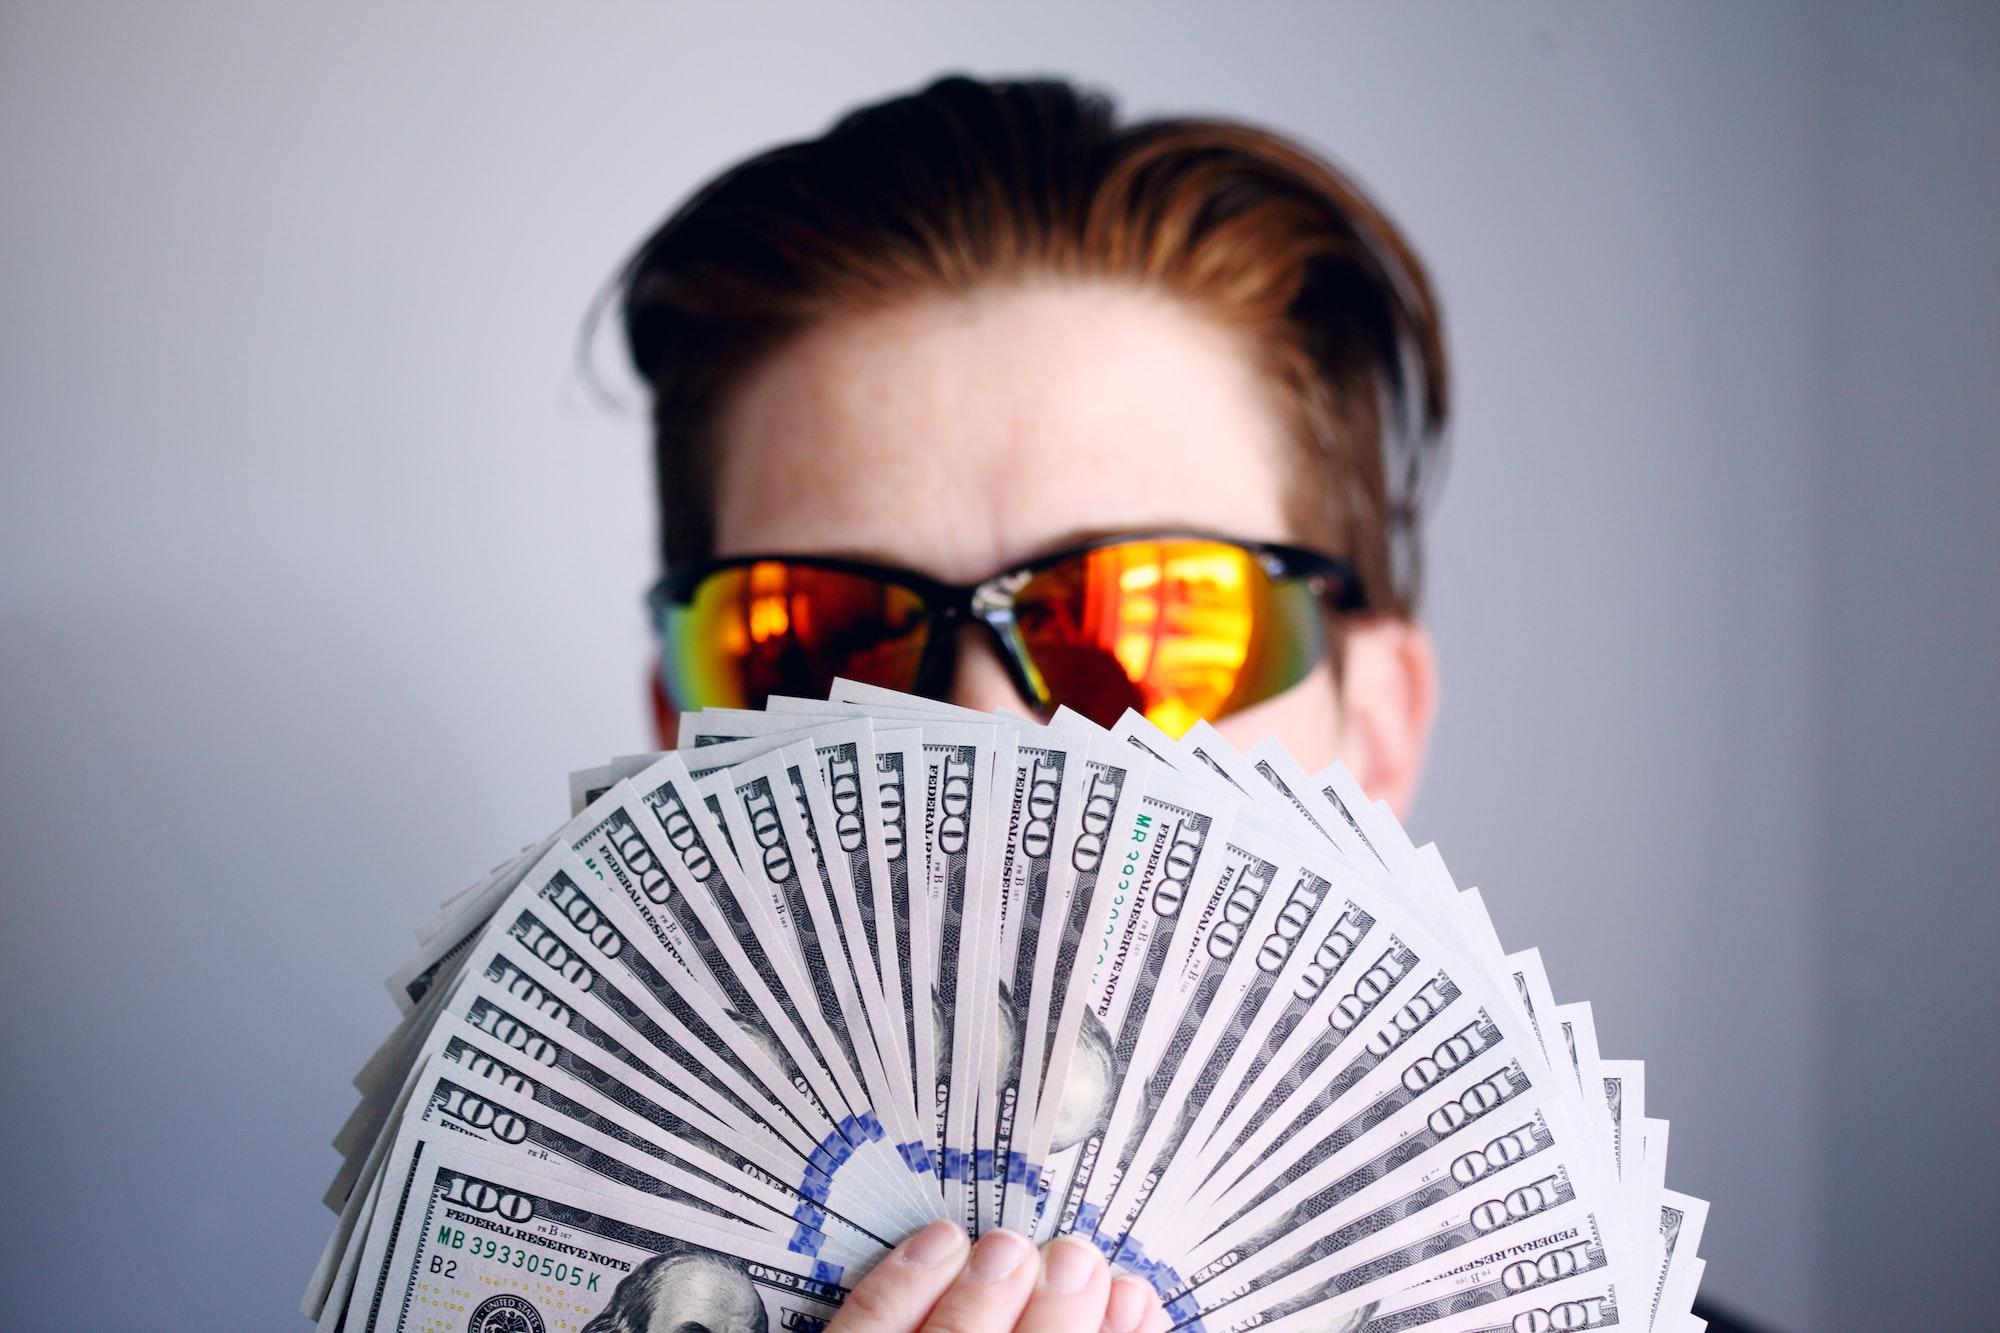 Kinh doanh online không cần vốn có phải là lừa đảo không?